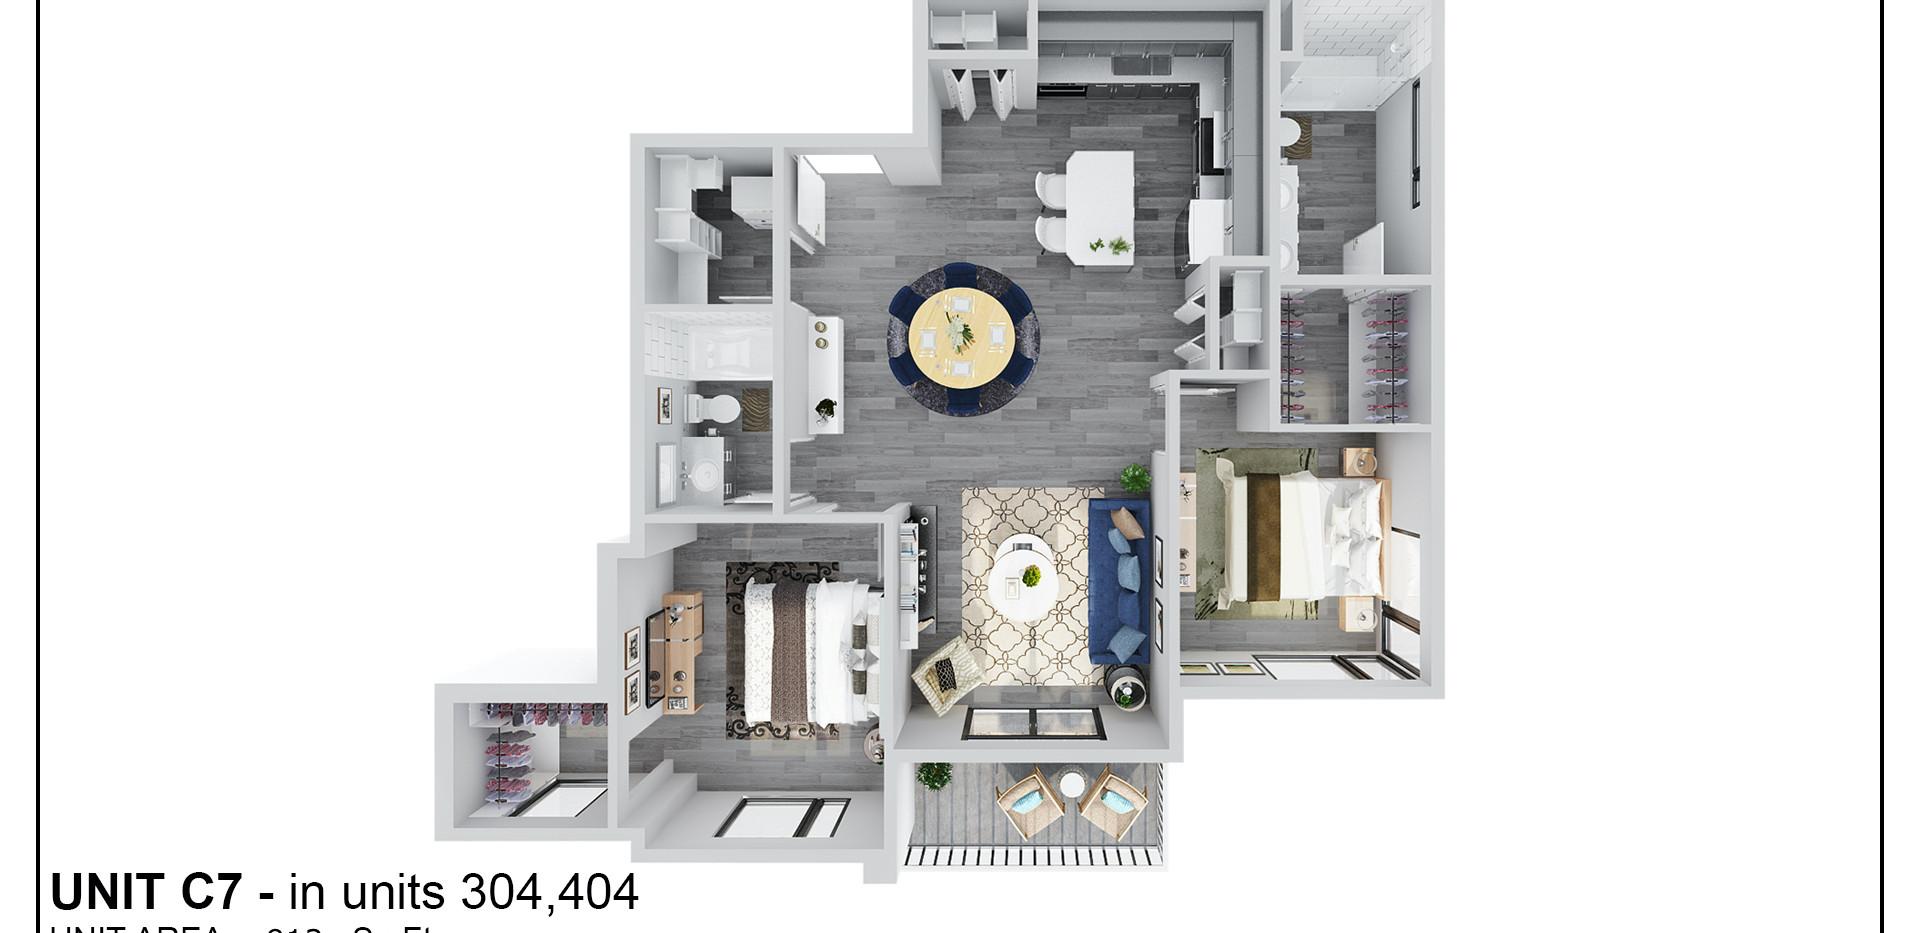 Floor Three - Unit C7 - 304